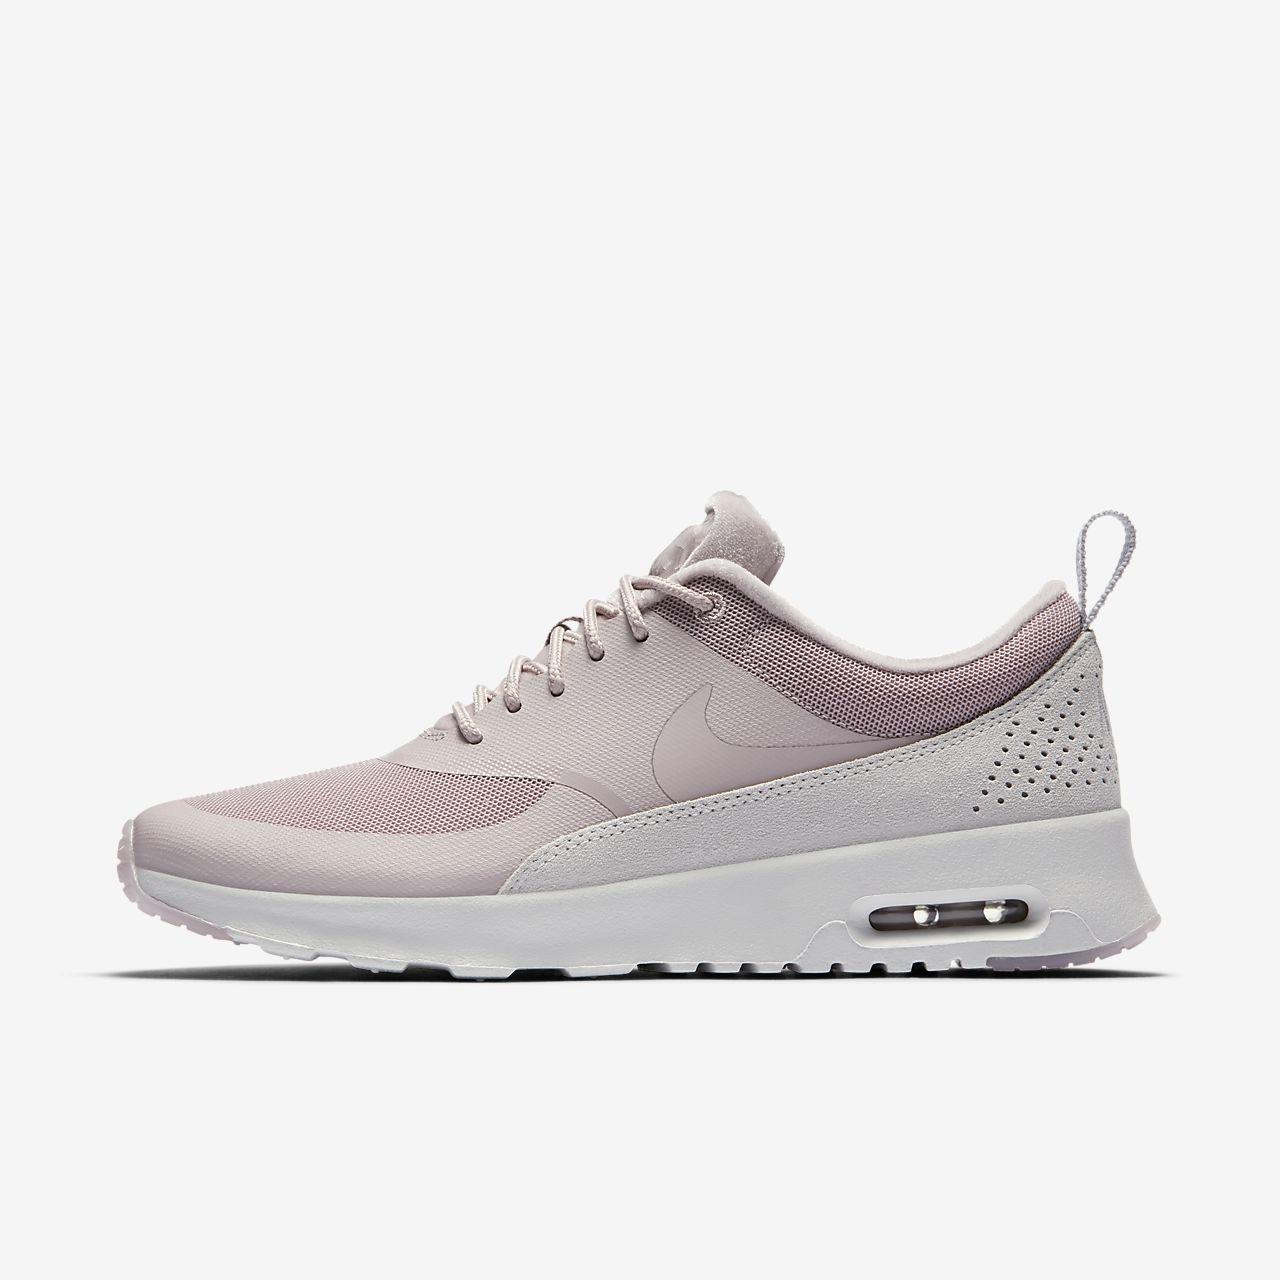 size 40 4ac82 5de94 chaussures de mode bon marché NIKE Air Max Thea Femme Blanc chaussures  spéciales pour Femme ...